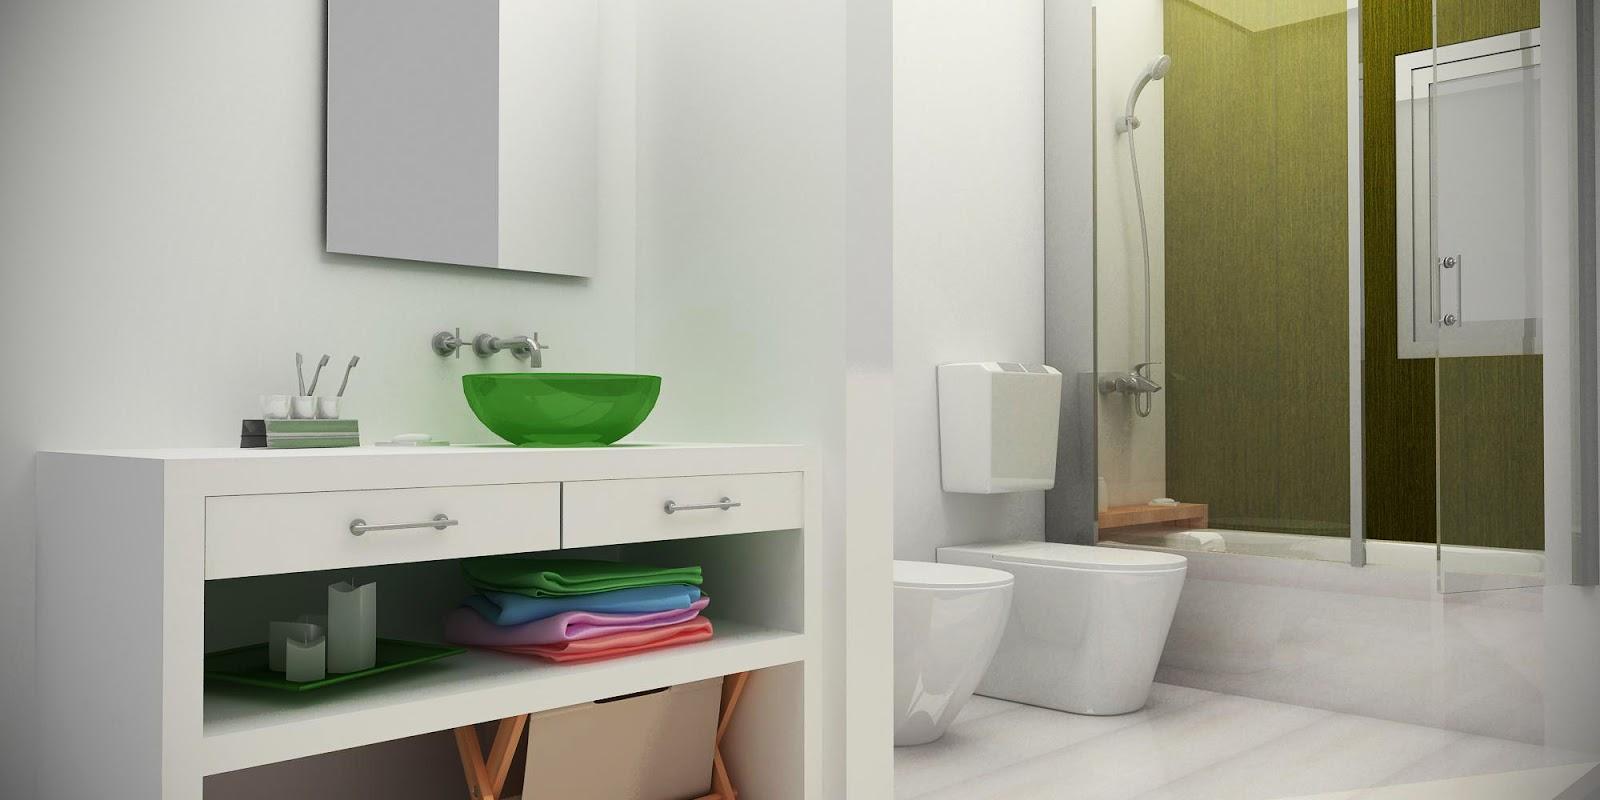 Baños Antebaño Fotos:MParq: 3d interiores – baños